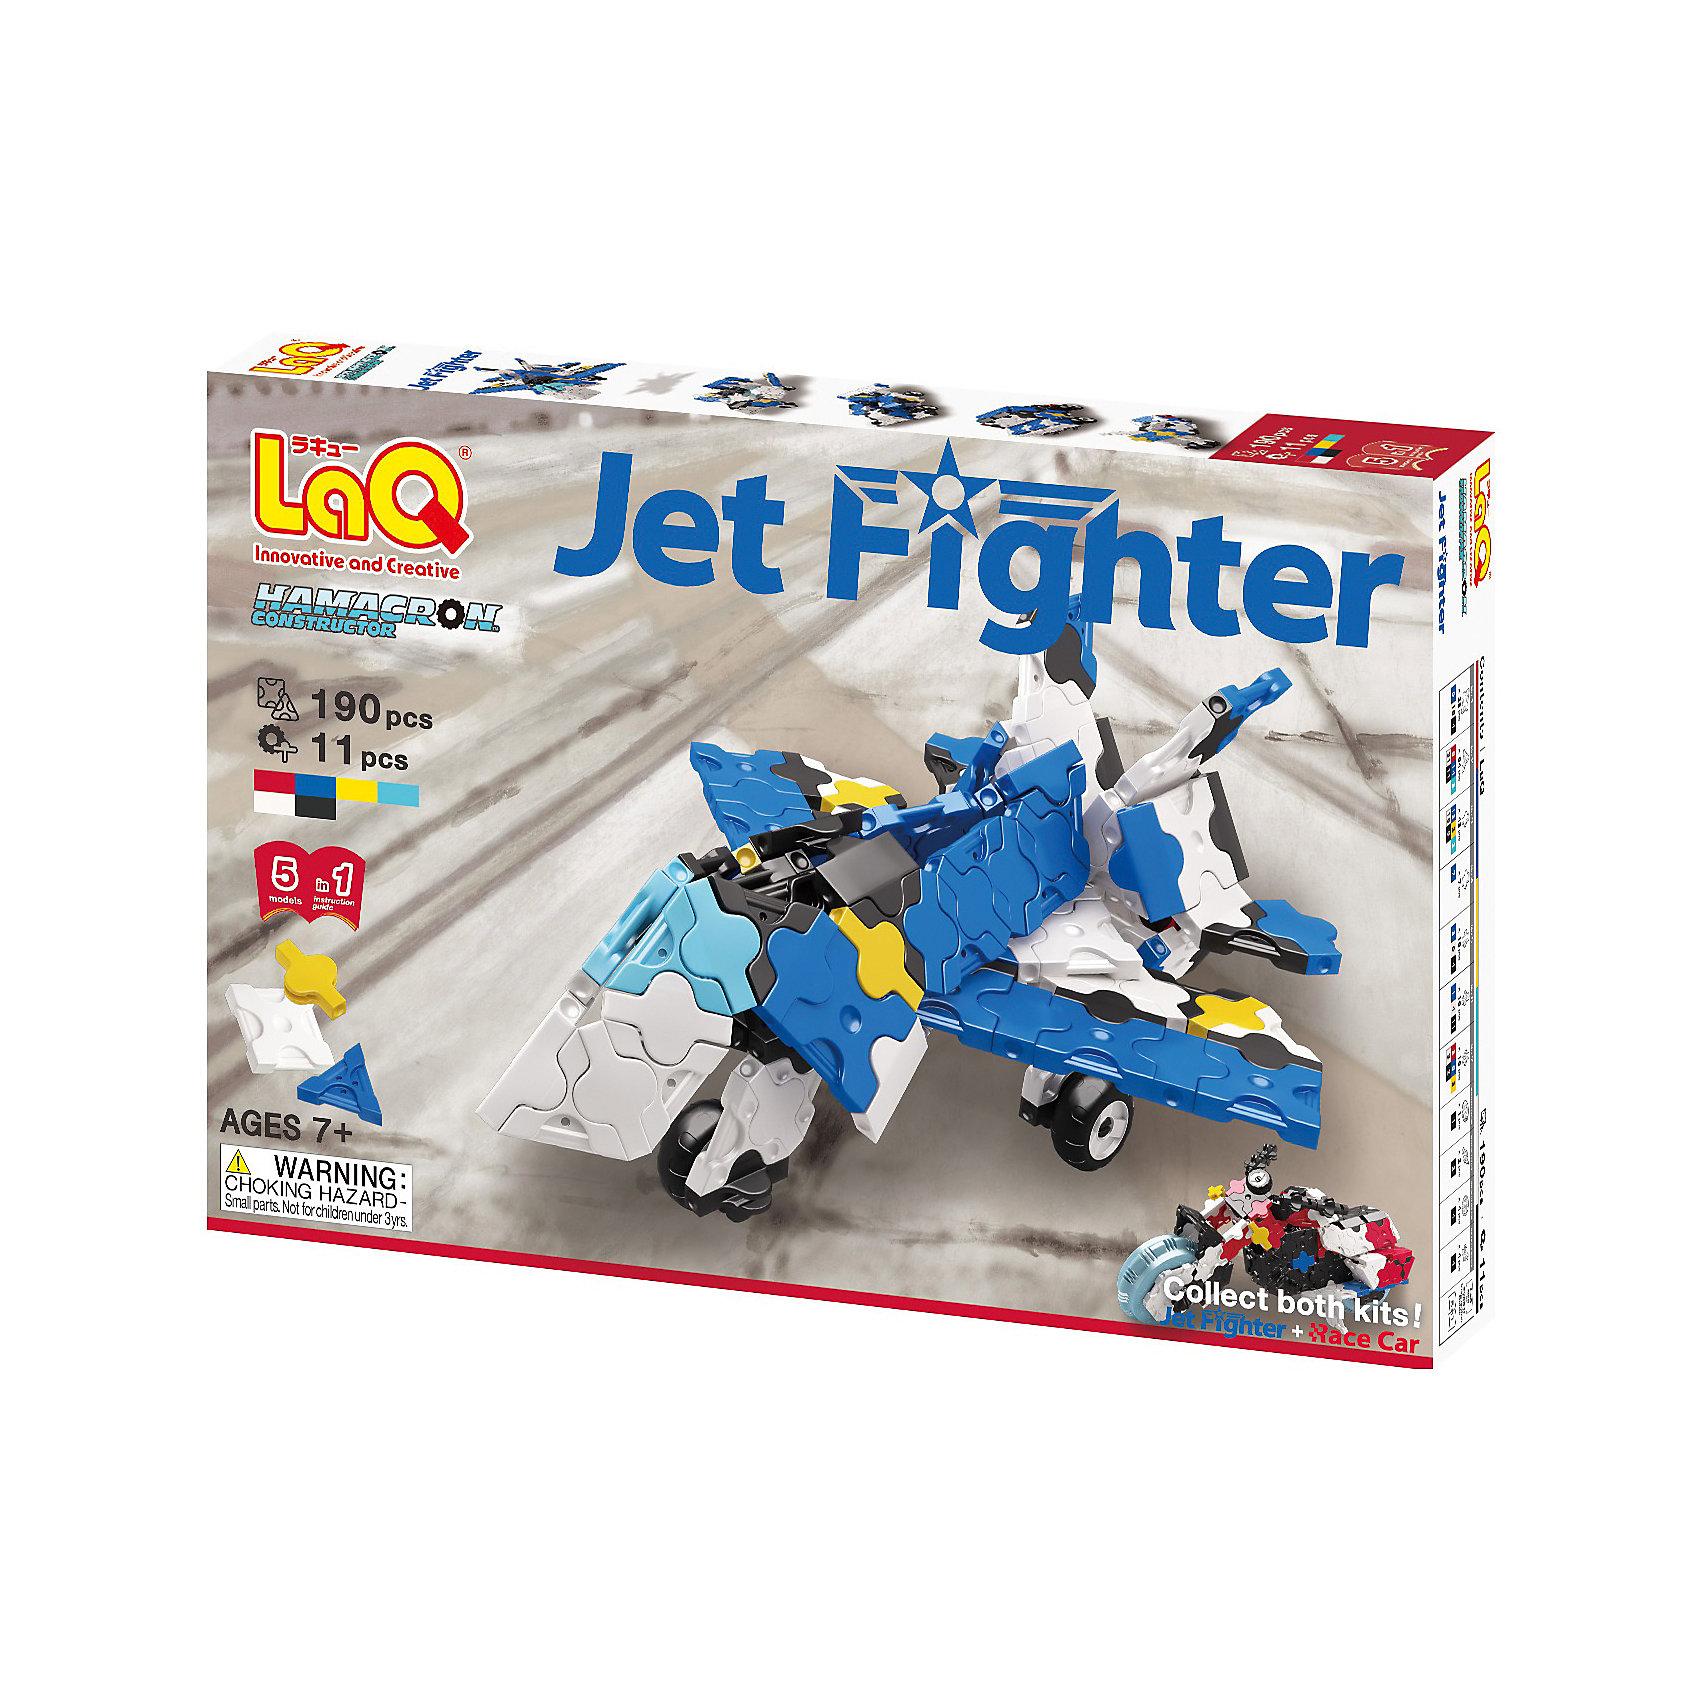 Конструктор Jet Fighter, 190 деталей, LaQКонструктор Jet Fighter состоит из 190 оригинальных деталей, из которых ребенок с легкостью сможет собрать различные транспортные средства. В наборе имеются яркие детали с формой треугольника и квадрата, с пятью удобными боковыми креплениями, которые можно соединять как прямо, так и с наклоном. Игра с конструктором развивает воображение, мелкую моторику и усидчивость. Соединять детали невероятно просто, что позволит детям с удовольствием!<br><br>Дополнительная информация:<br>В наборе: 190 деталей(6 цветов), инструкция <br>Материал: пластик<br>Размер упаковки: 24х16х4 см<br>Конструктор Jet Fighter можно приобрести в нашем интернет-магазине.<br><br>Ширина мм: 240<br>Глубина мм: 40<br>Высота мм: 160<br>Вес г: 257<br>Возраст от месяцев: 84<br>Возраст до месяцев: 1188<br>Пол: Мужской<br>Возраст: Детский<br>SKU: 4944575